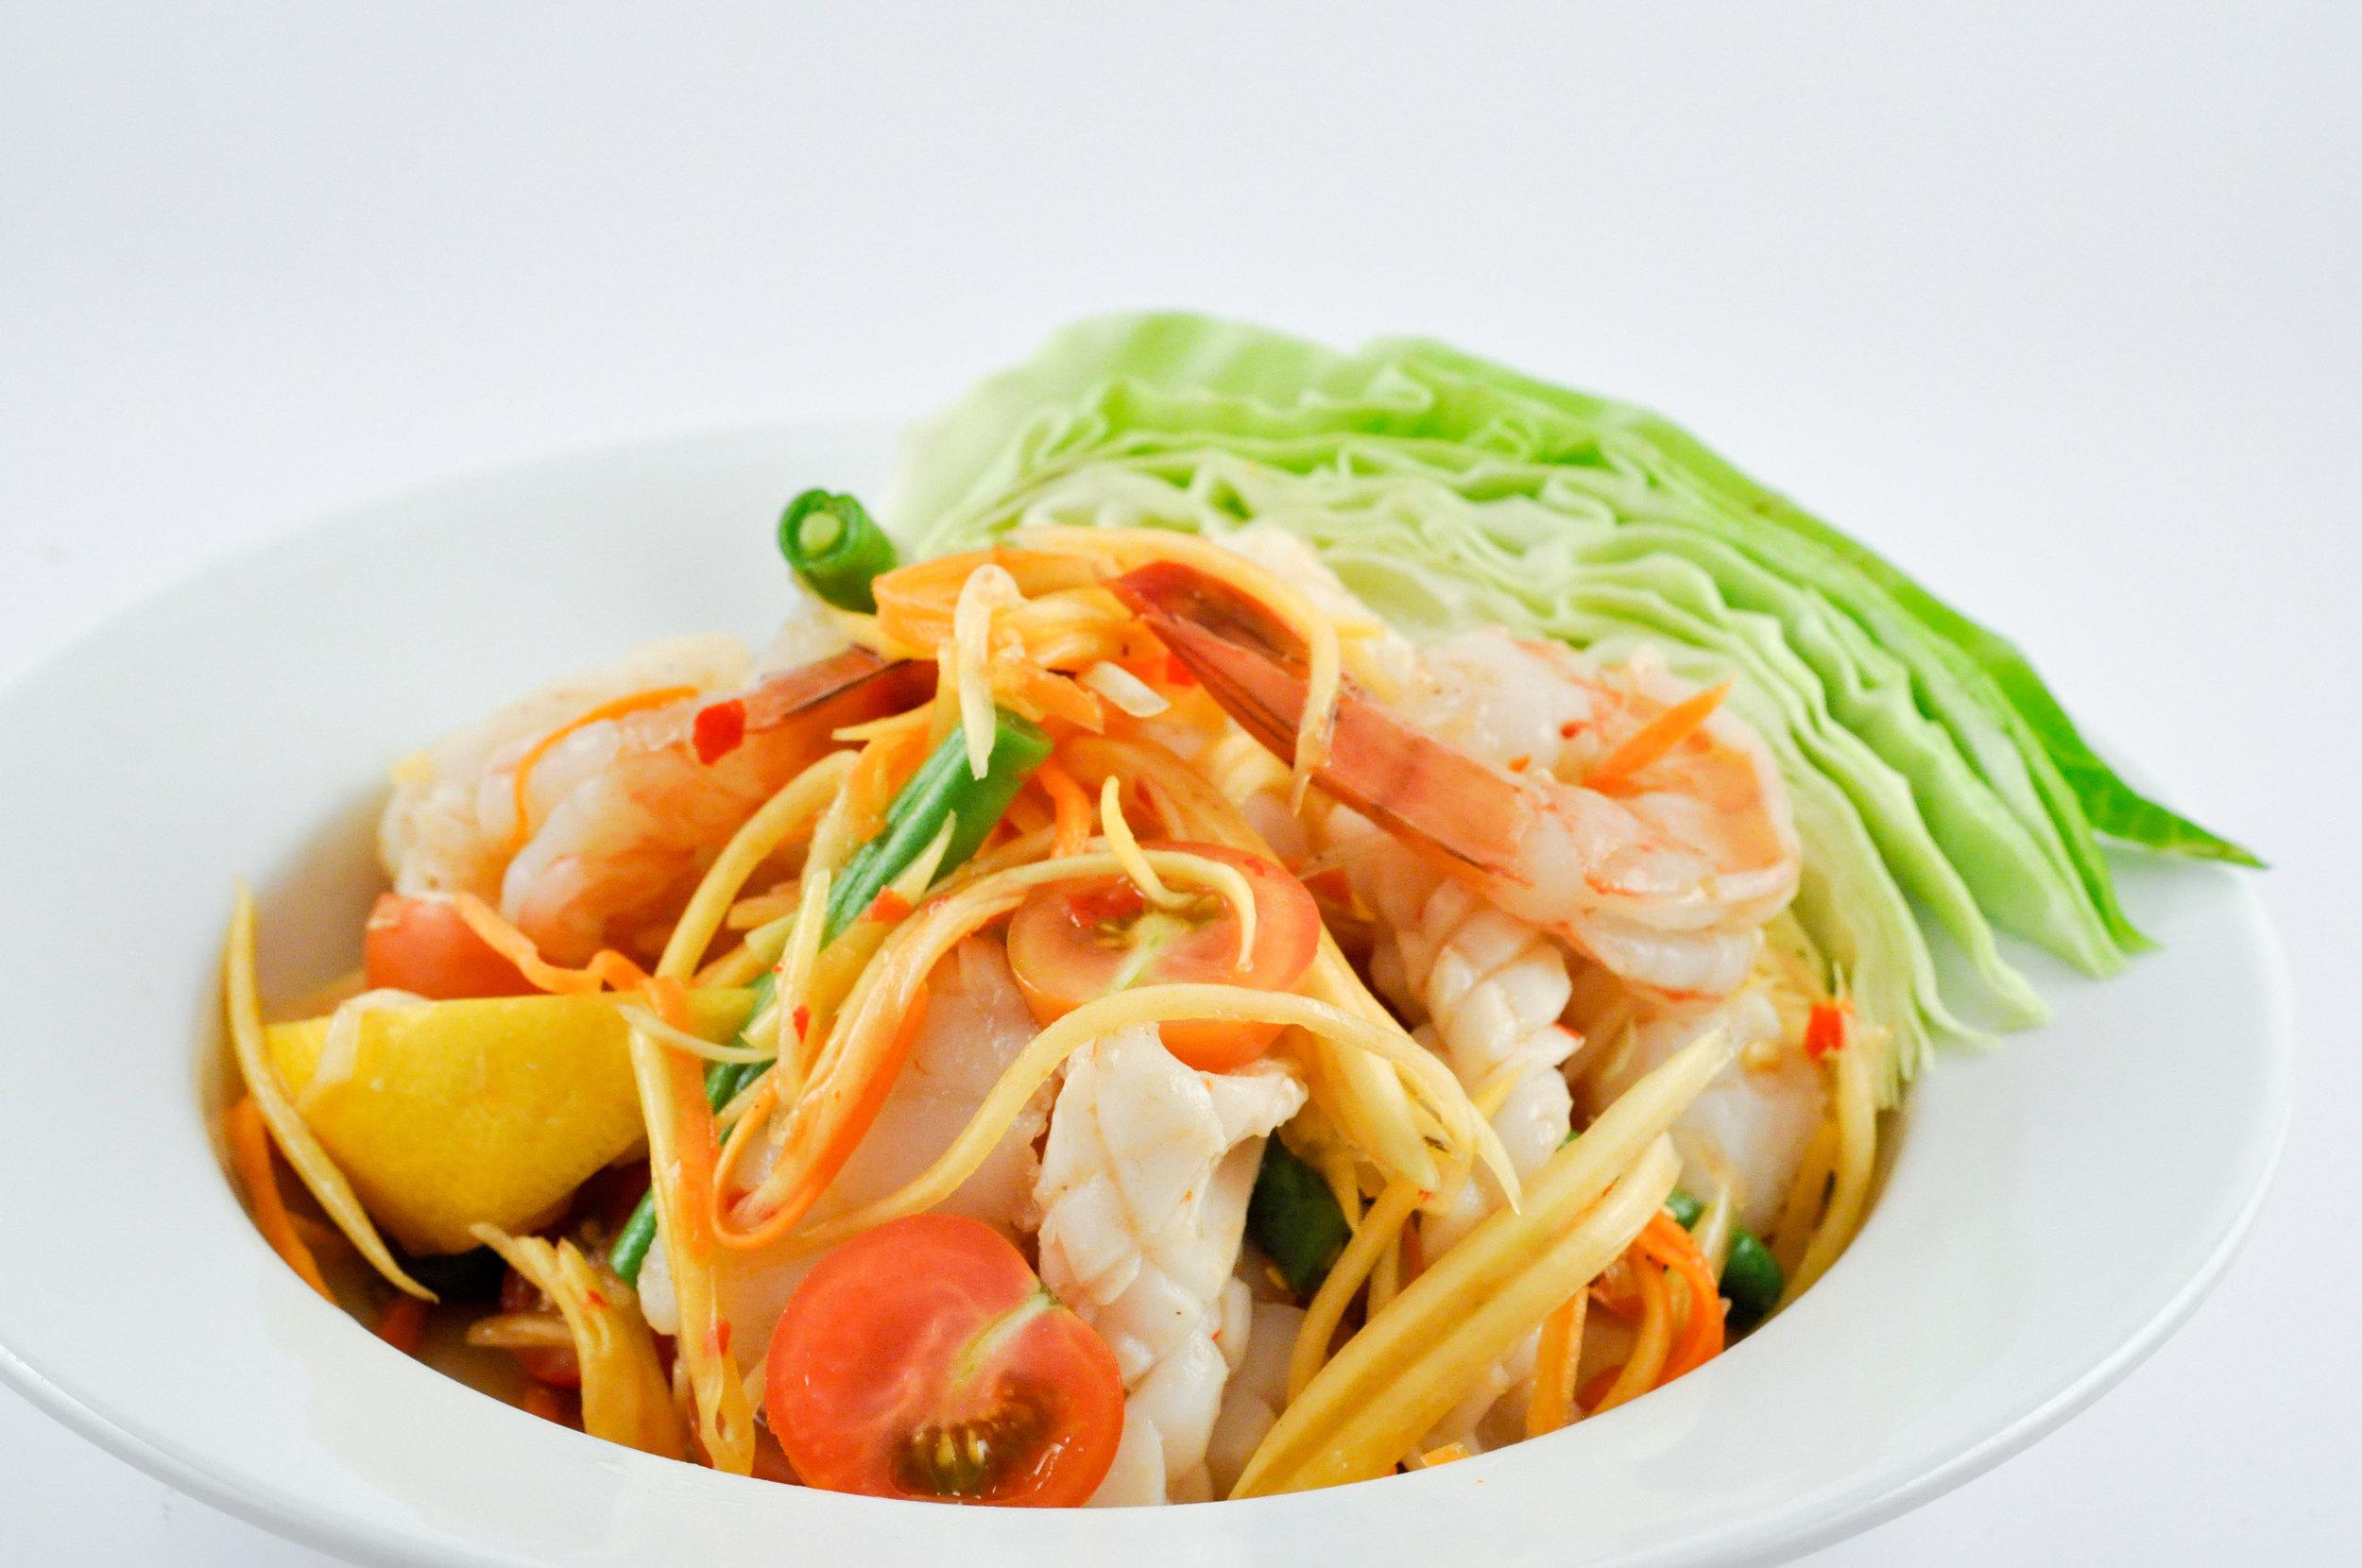 Tum Talay - Papaya Salad with Seafood